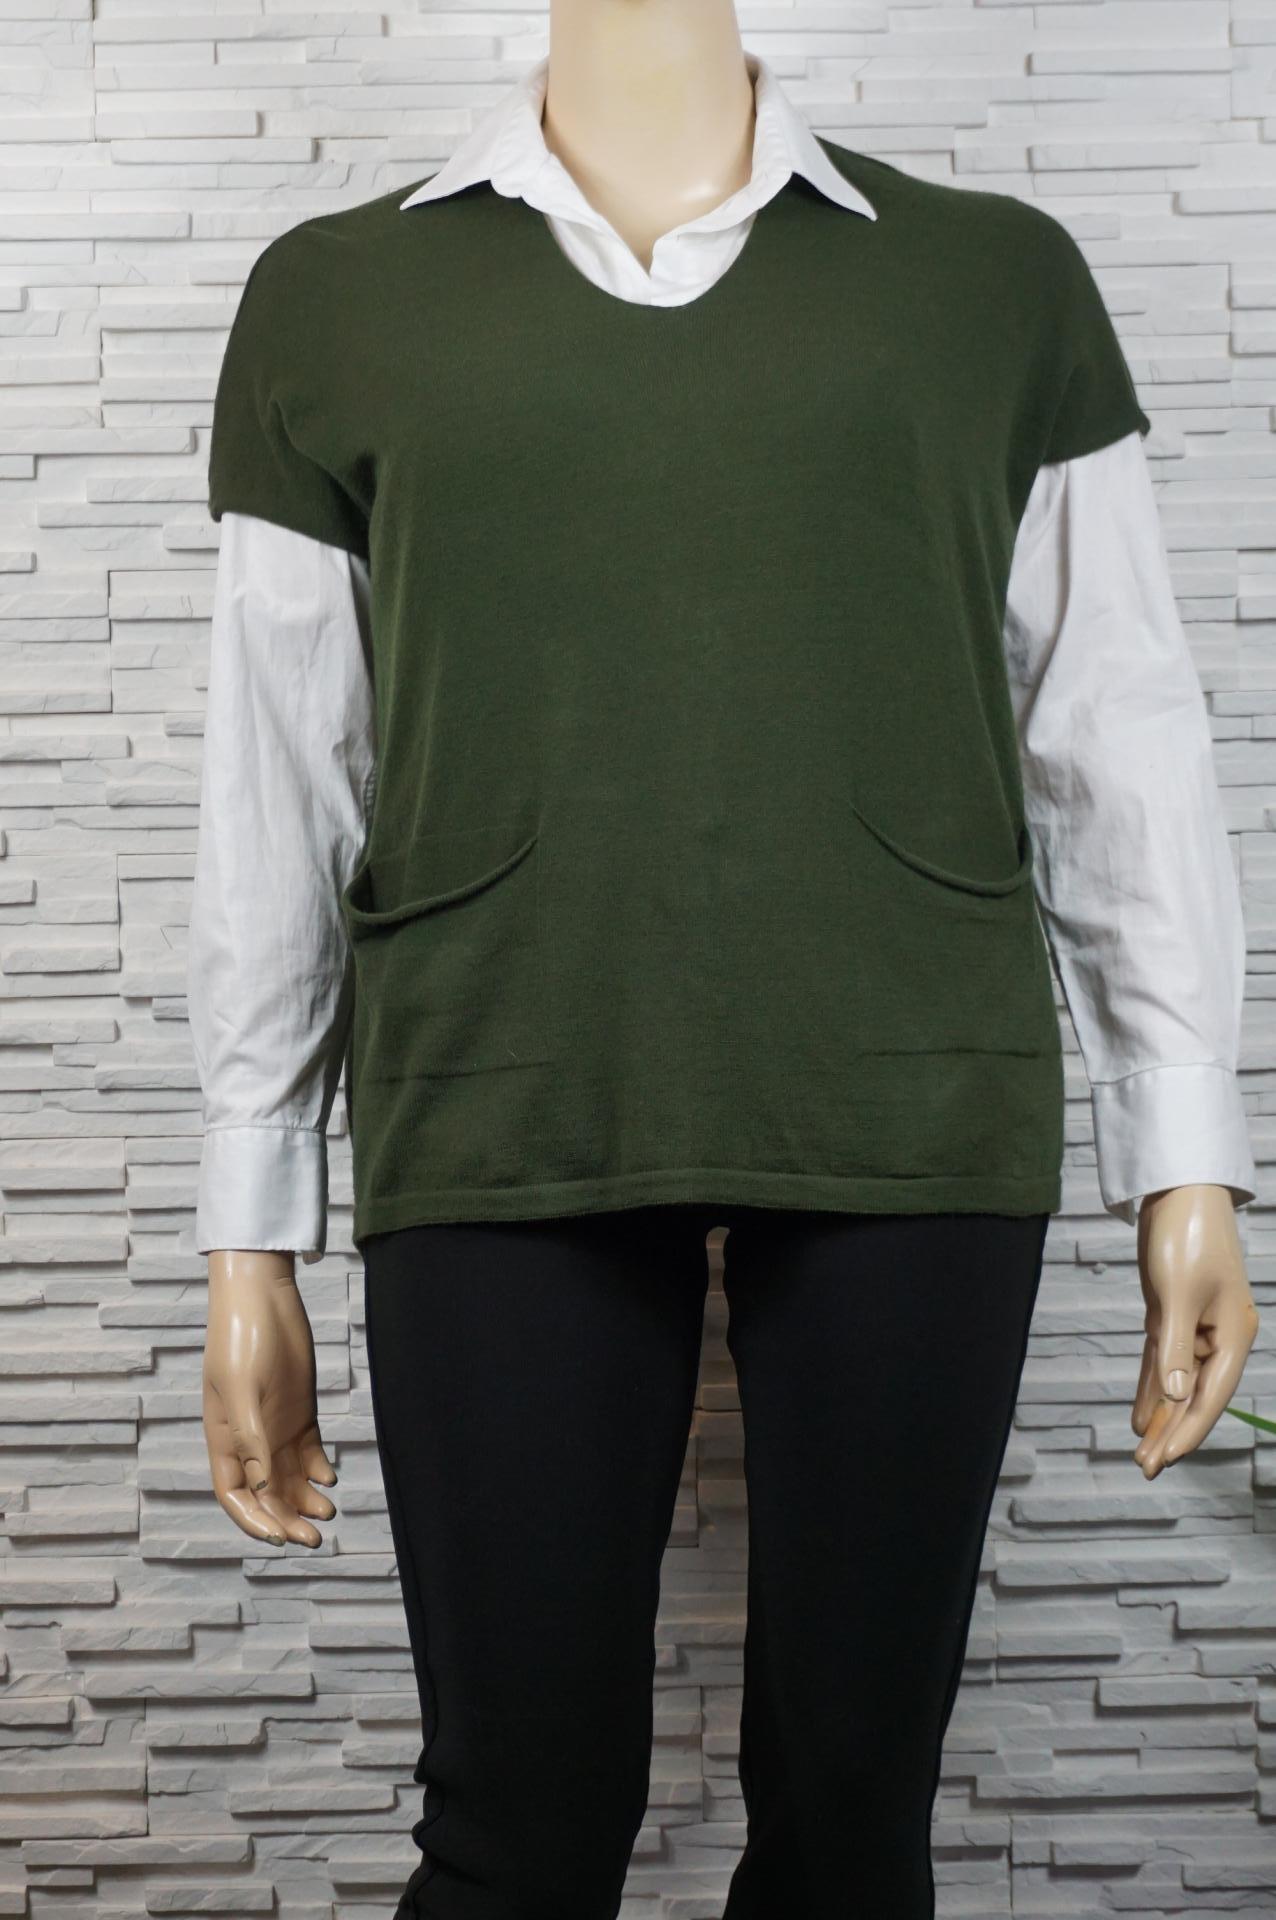 Débardeur oversize sans manches et avec poches.